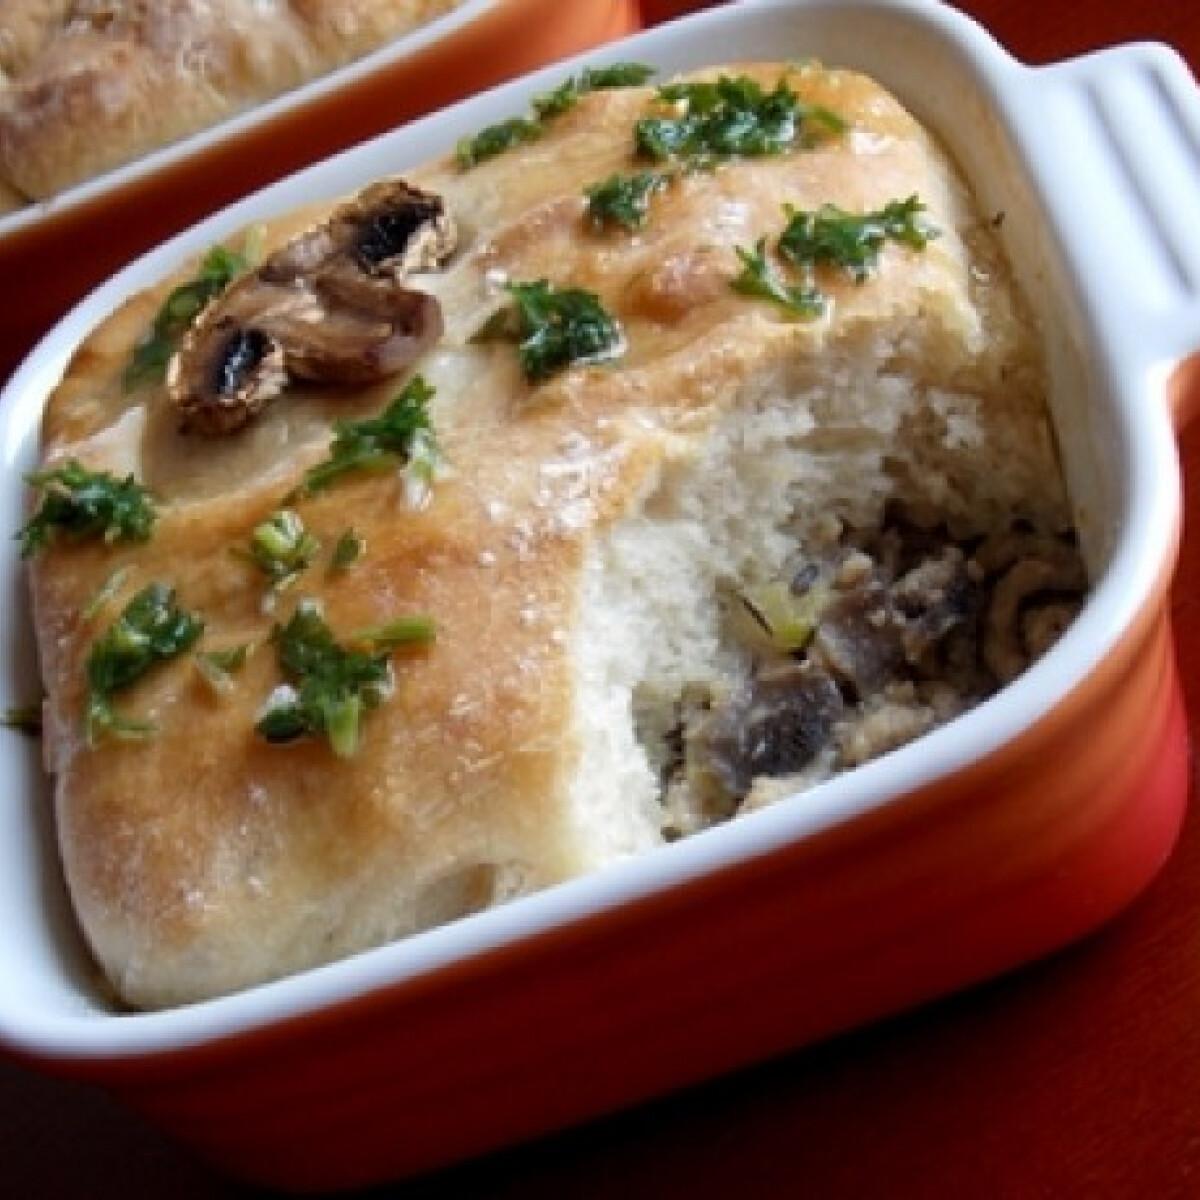 Ezen a képen: Gombás-kakukkfüves ragu kenyérpaplan alatt